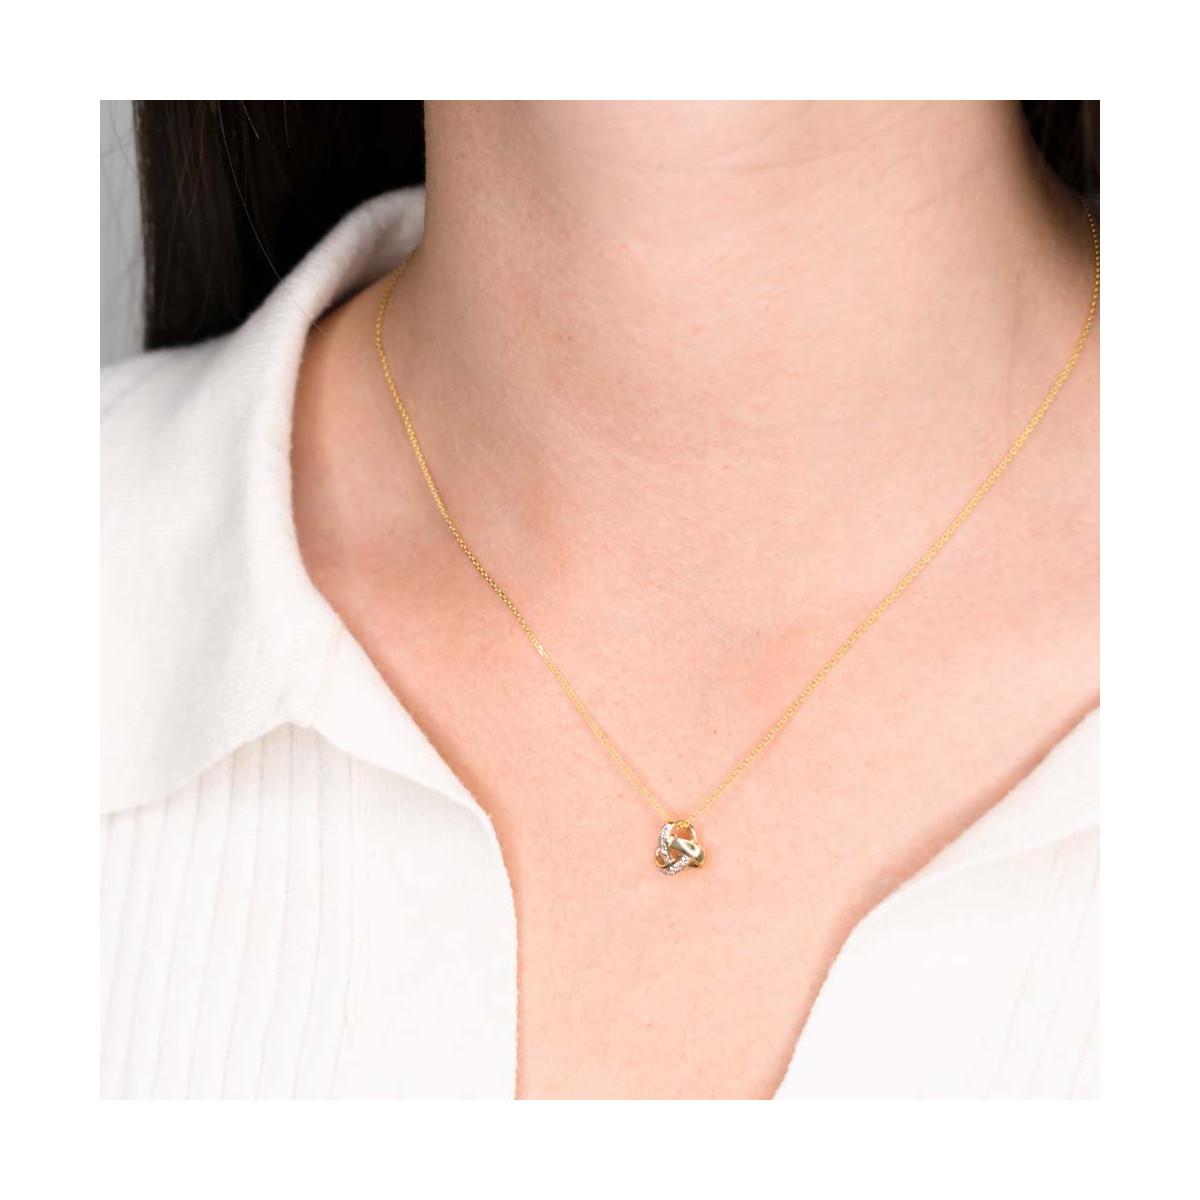 Pendentif Noeud Elegance Or et Diamants